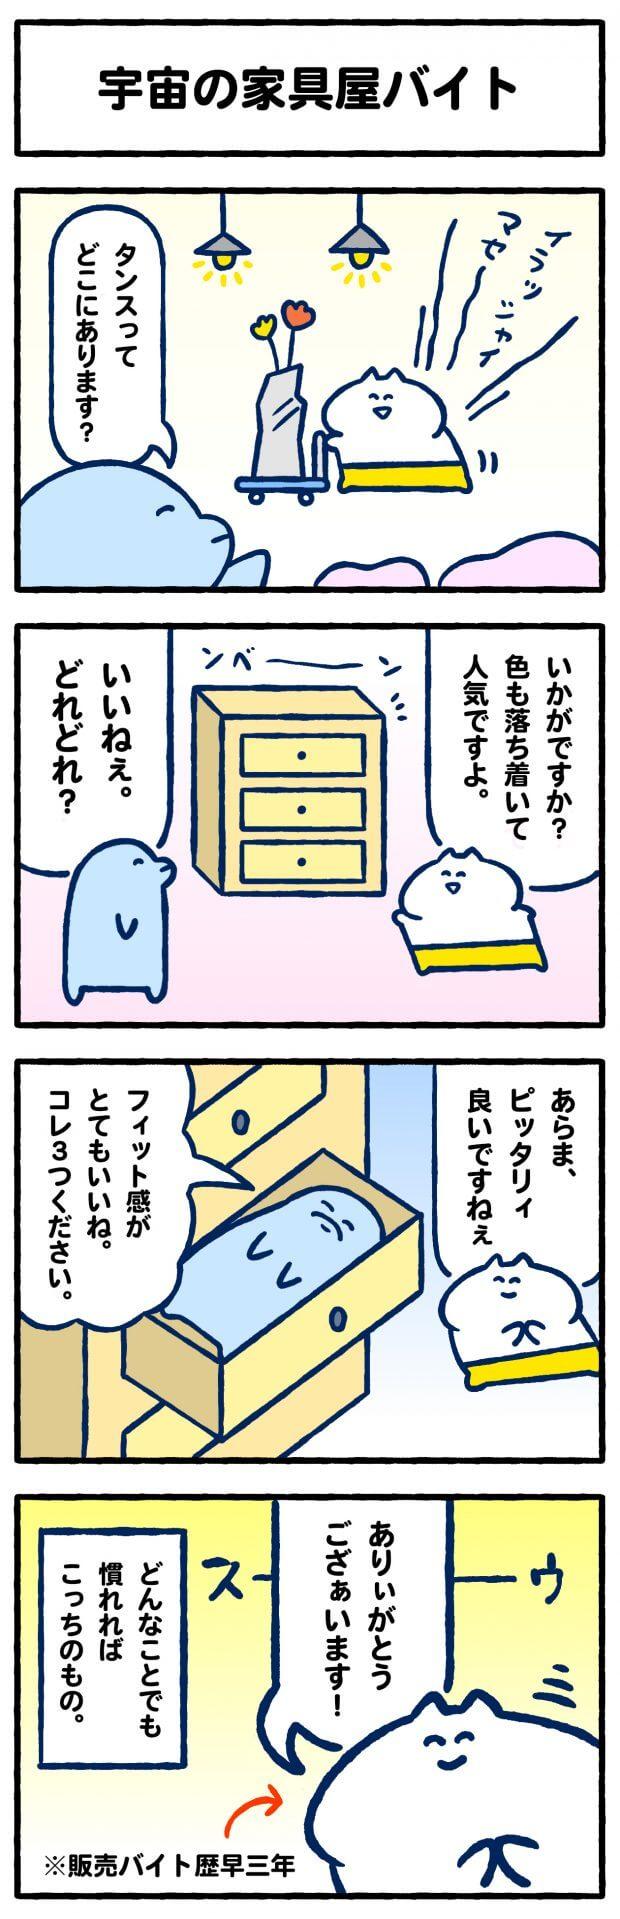 家具屋バイト (2)